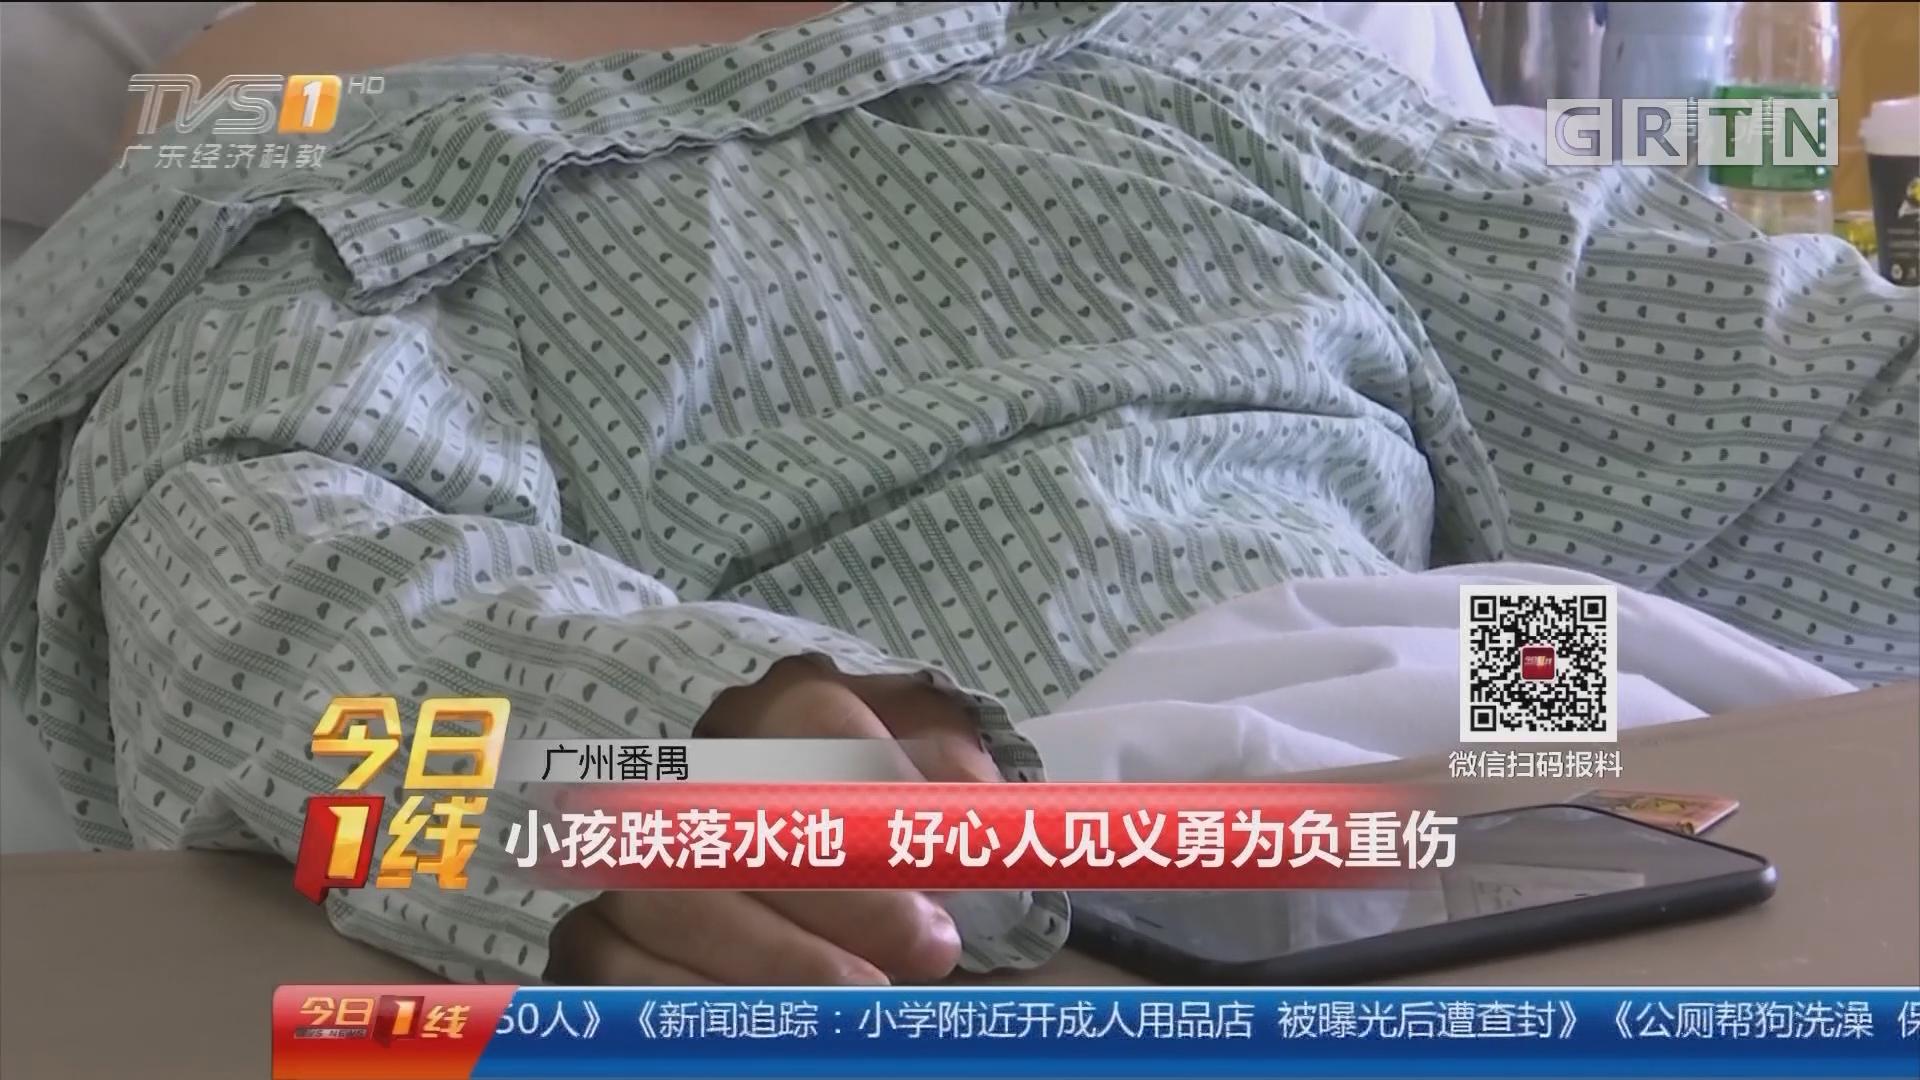 广州番禺:小孩跌落水池 好心人见义勇为负重伤